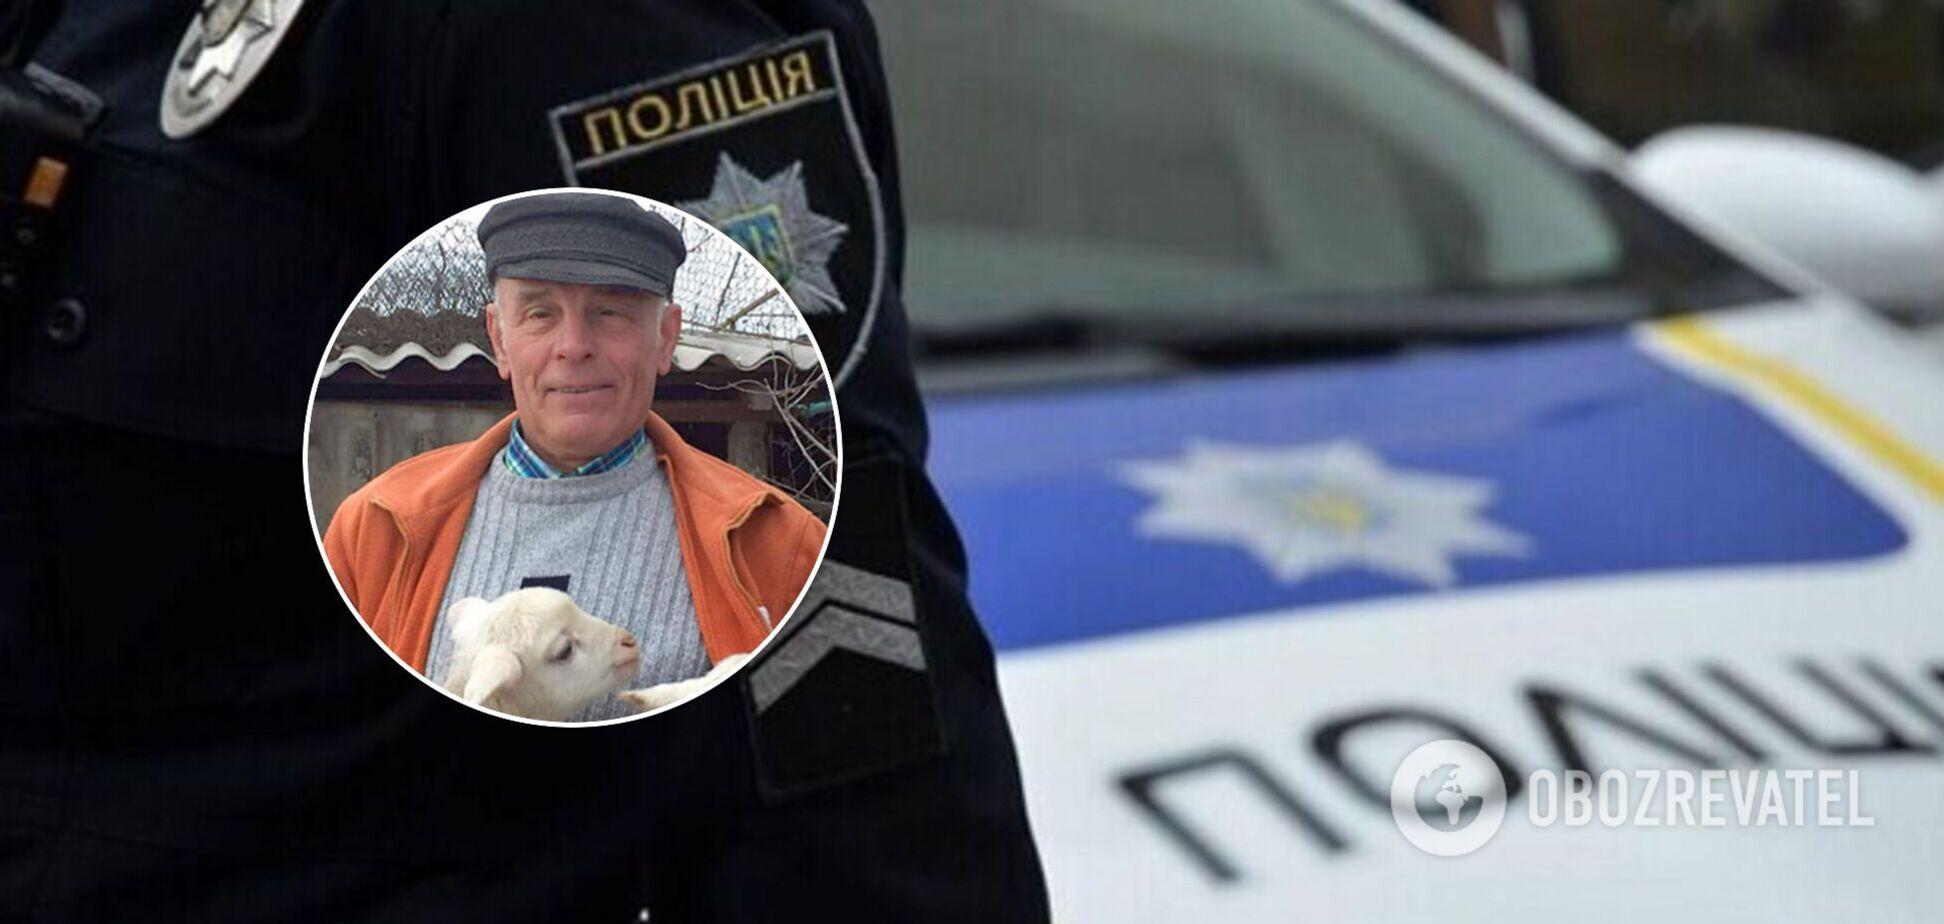 На Одещині знайшли мертвим колишнього директора школи: його шукали півтора місяця. Фото